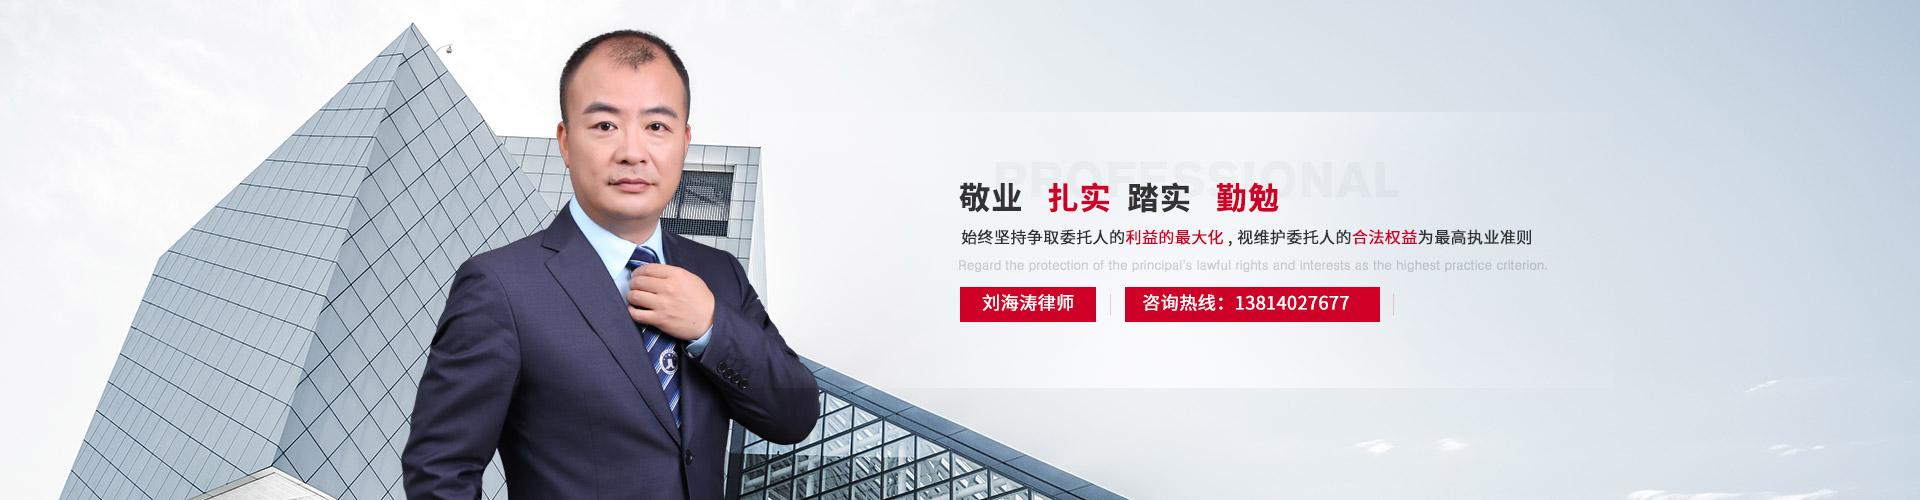 南京刘海涛律师